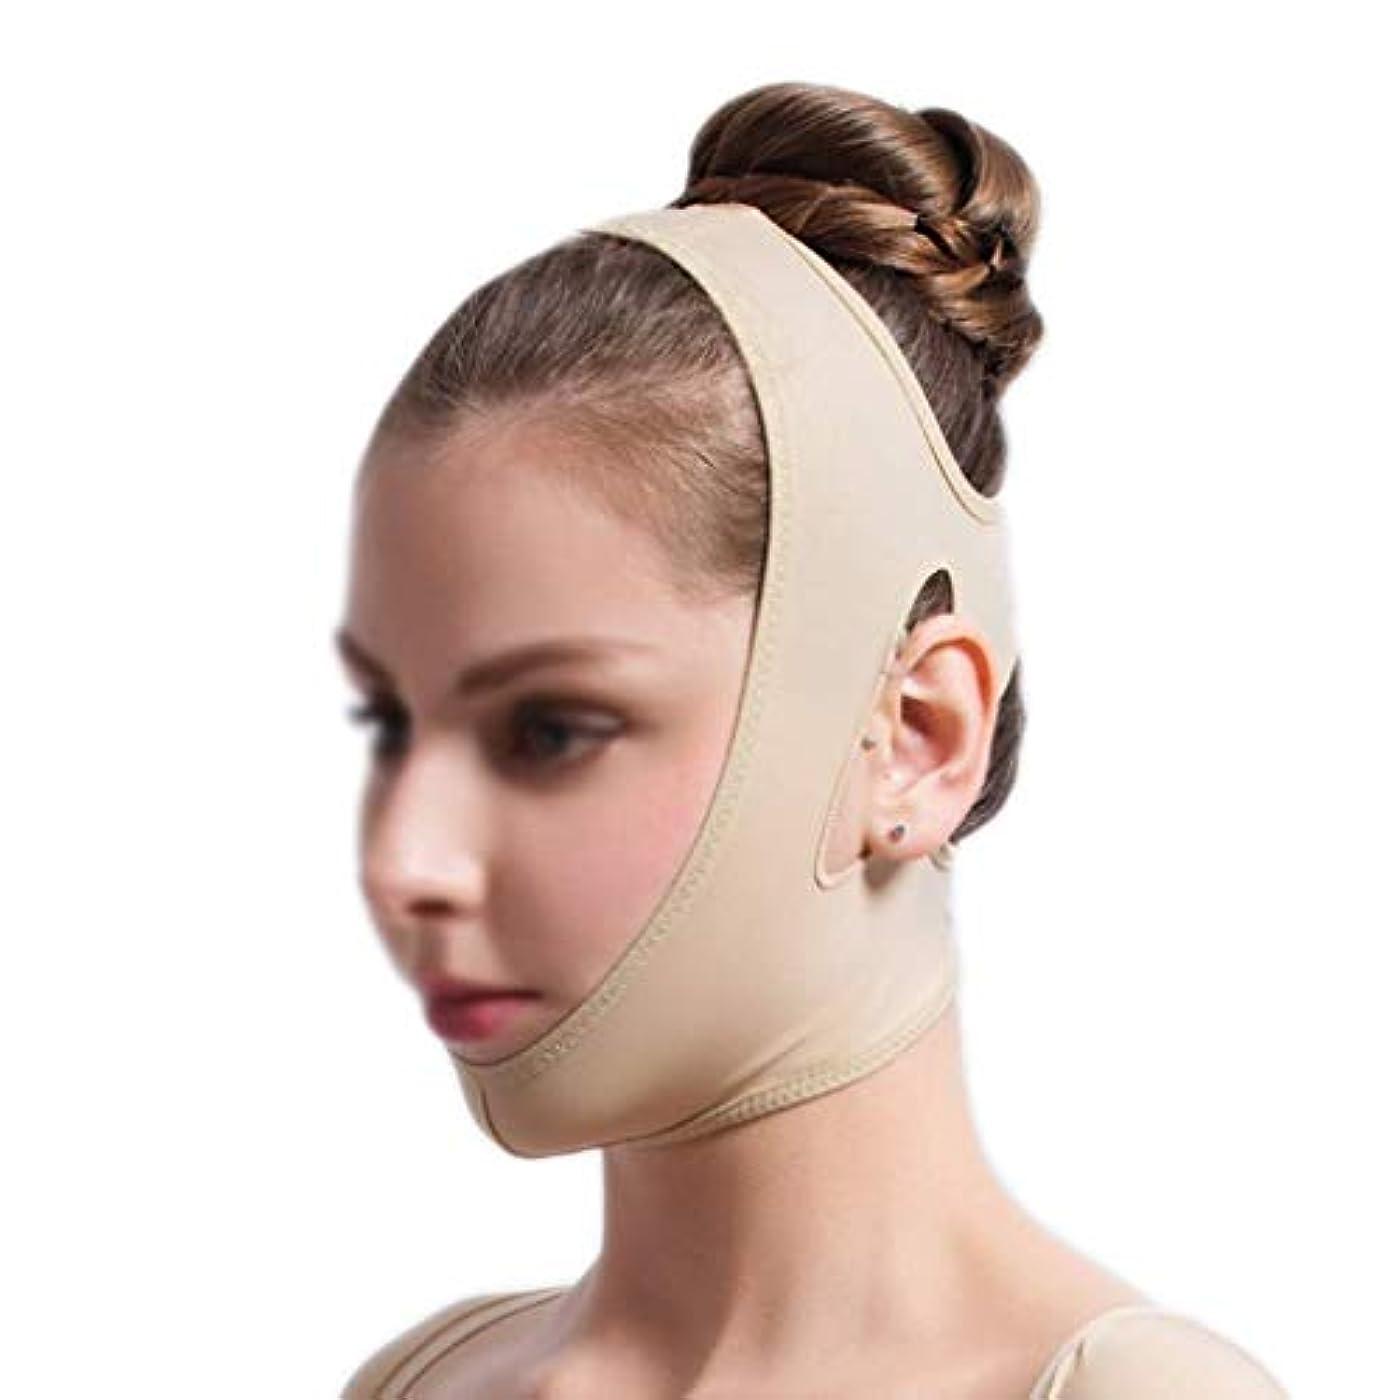 子音キャスト時間とともにフェイスリフティングバンデージ、フェイシャル減量マスク、フェイシャルリフティングスリミングベルト、痩身チークマスク(サイズ:S),XL